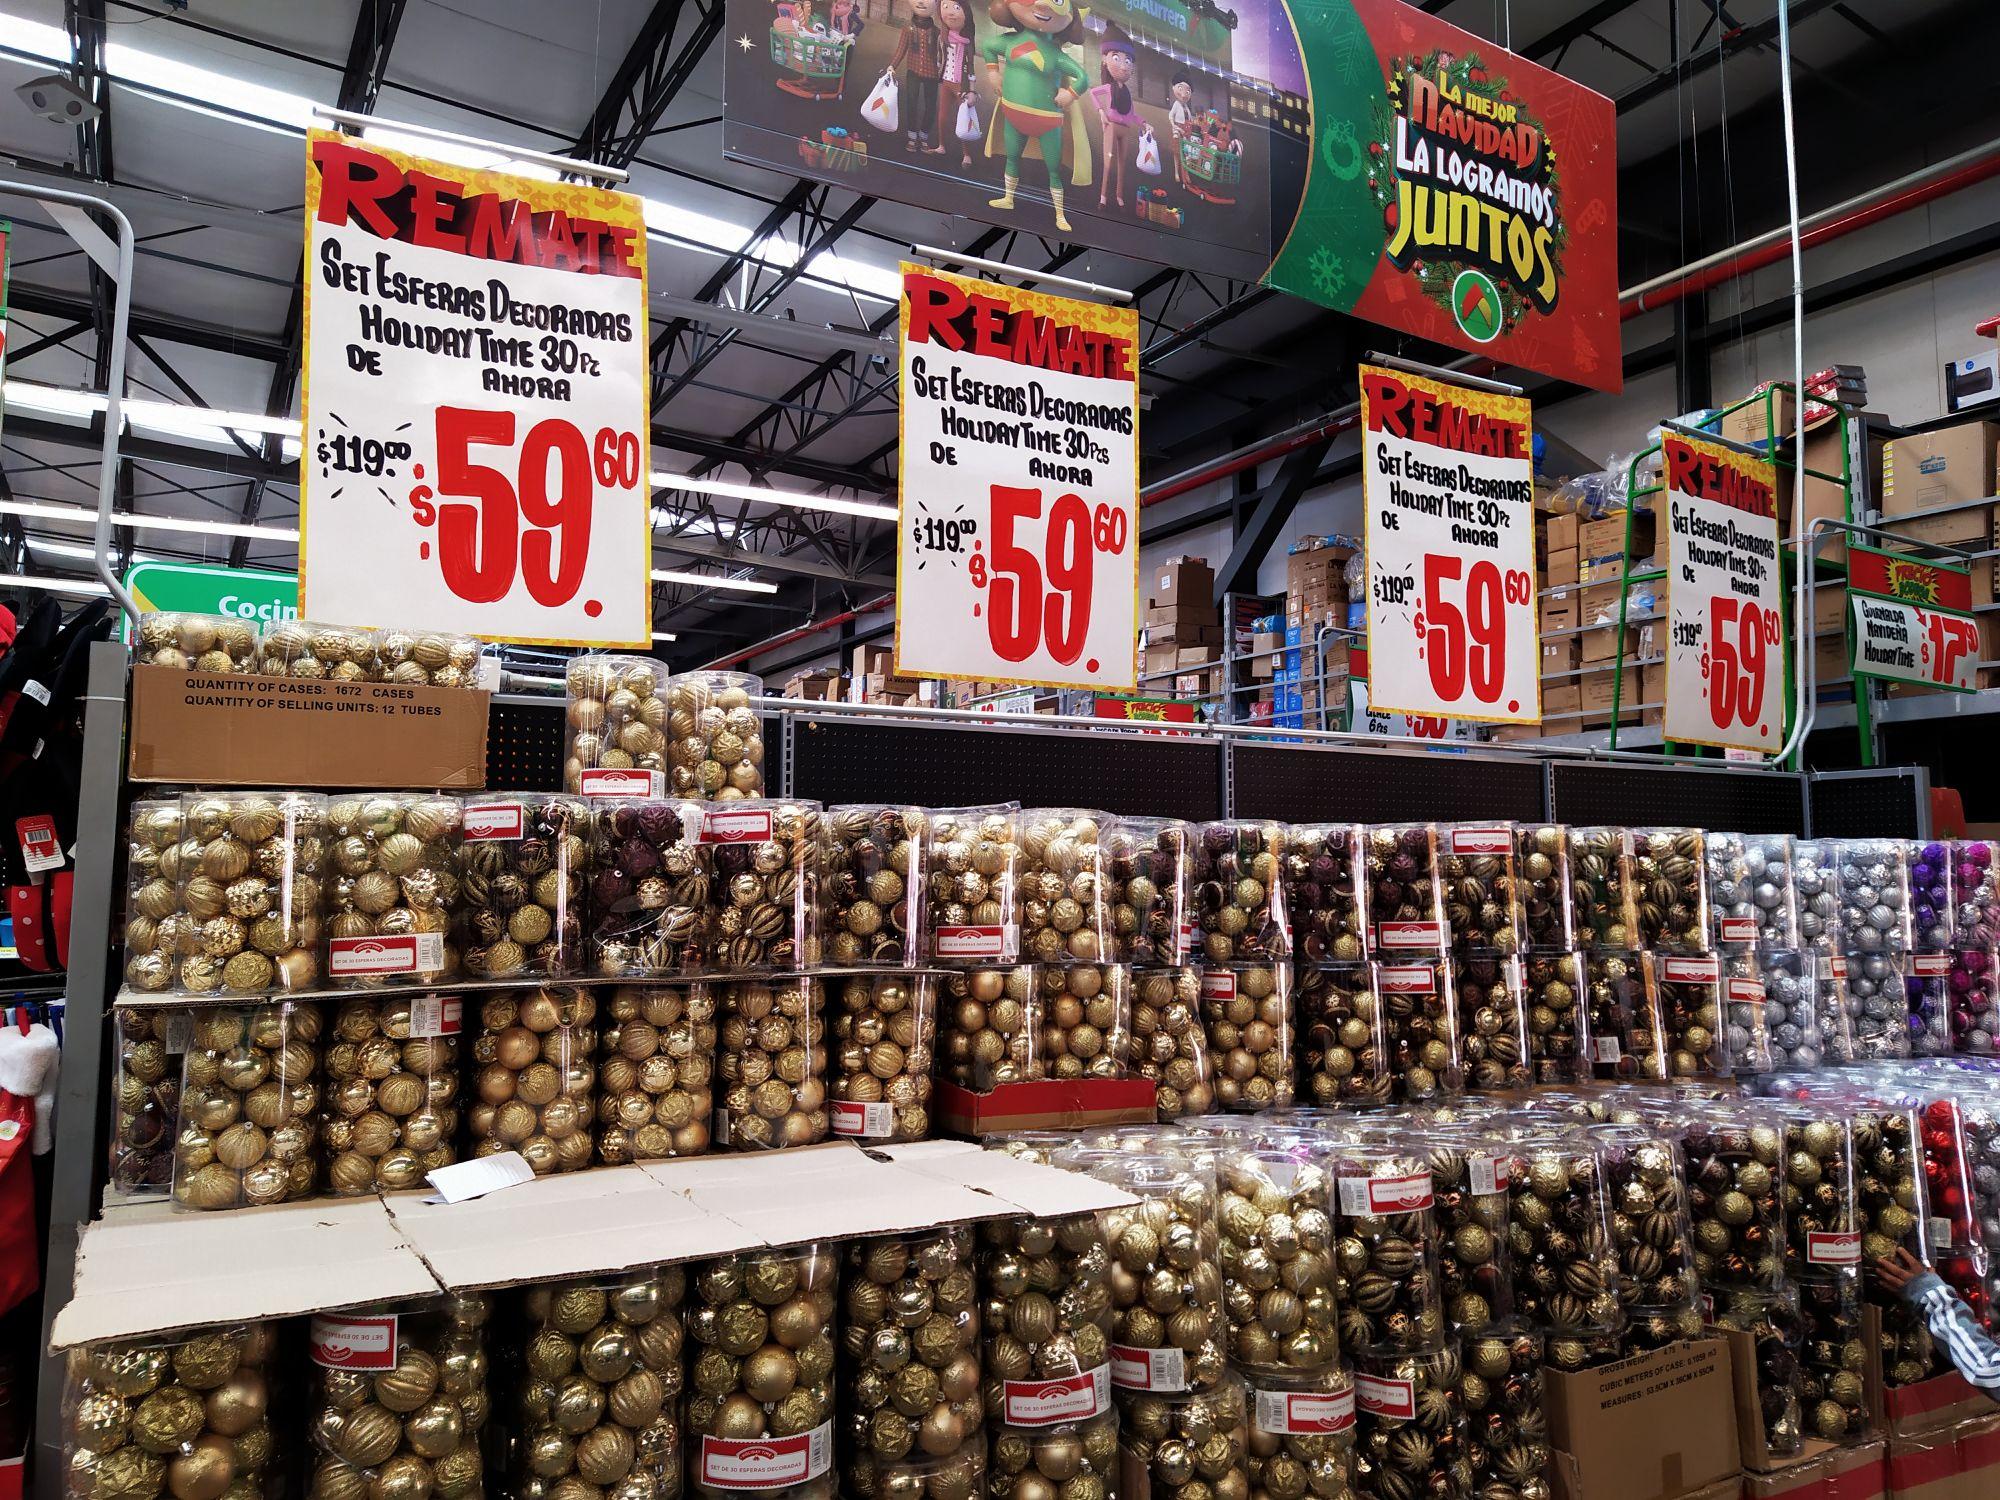 Bodega Aurrera: 30 esferas. Precio de remate de $119 a $59.60